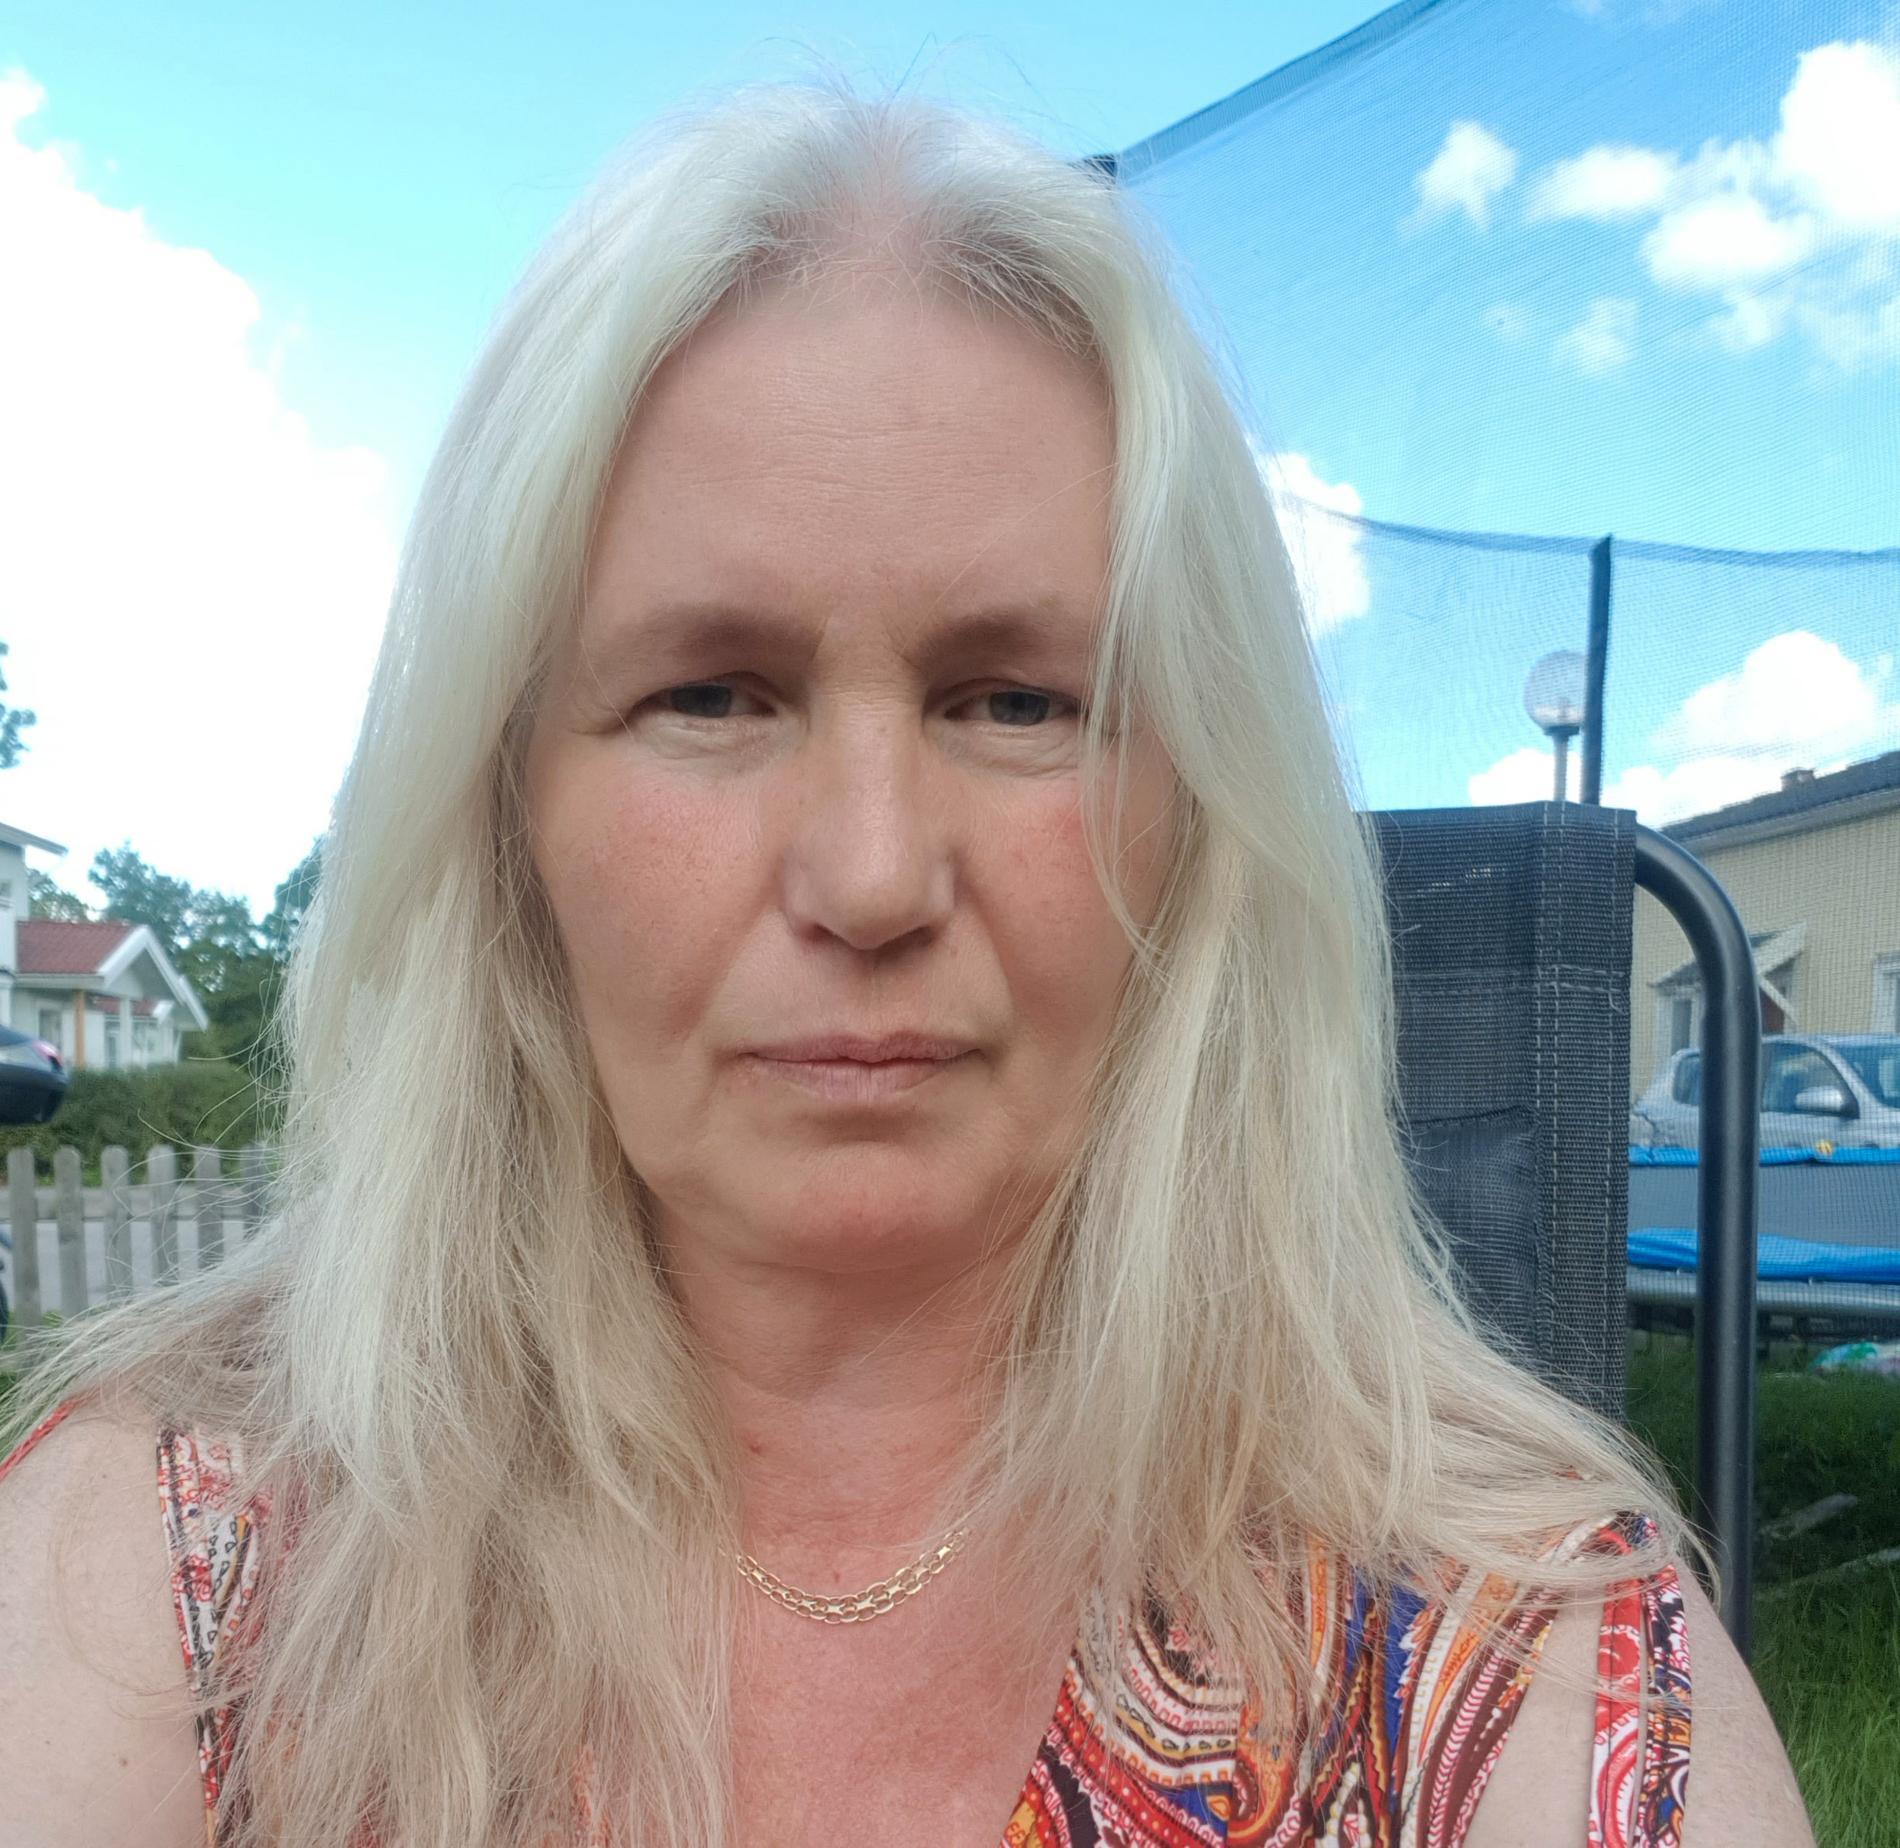 Lena Teodorsson känner sig inte längre trygg i området där hon bor.